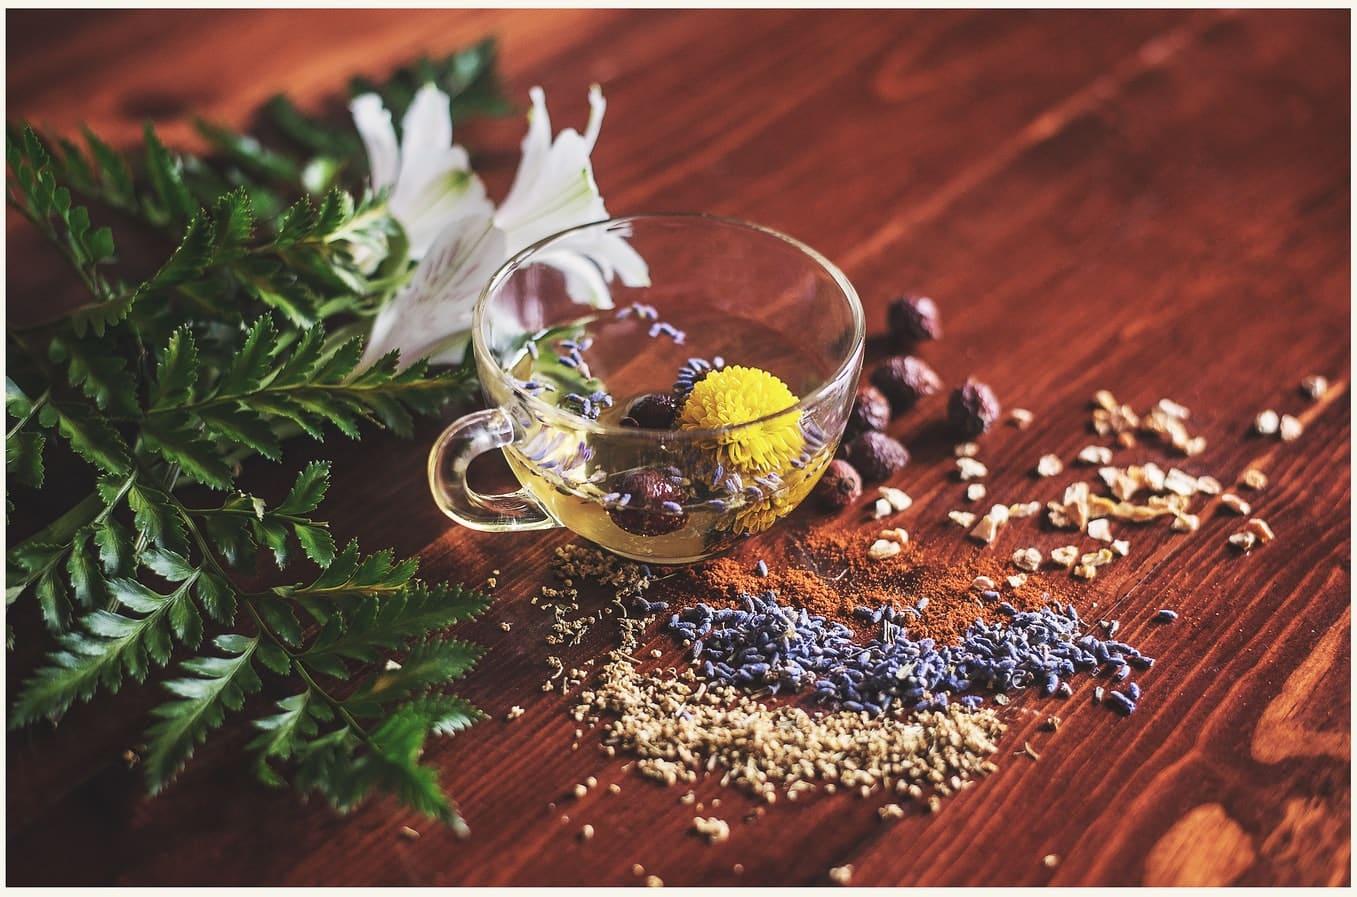 Natural medicine herbal remedies